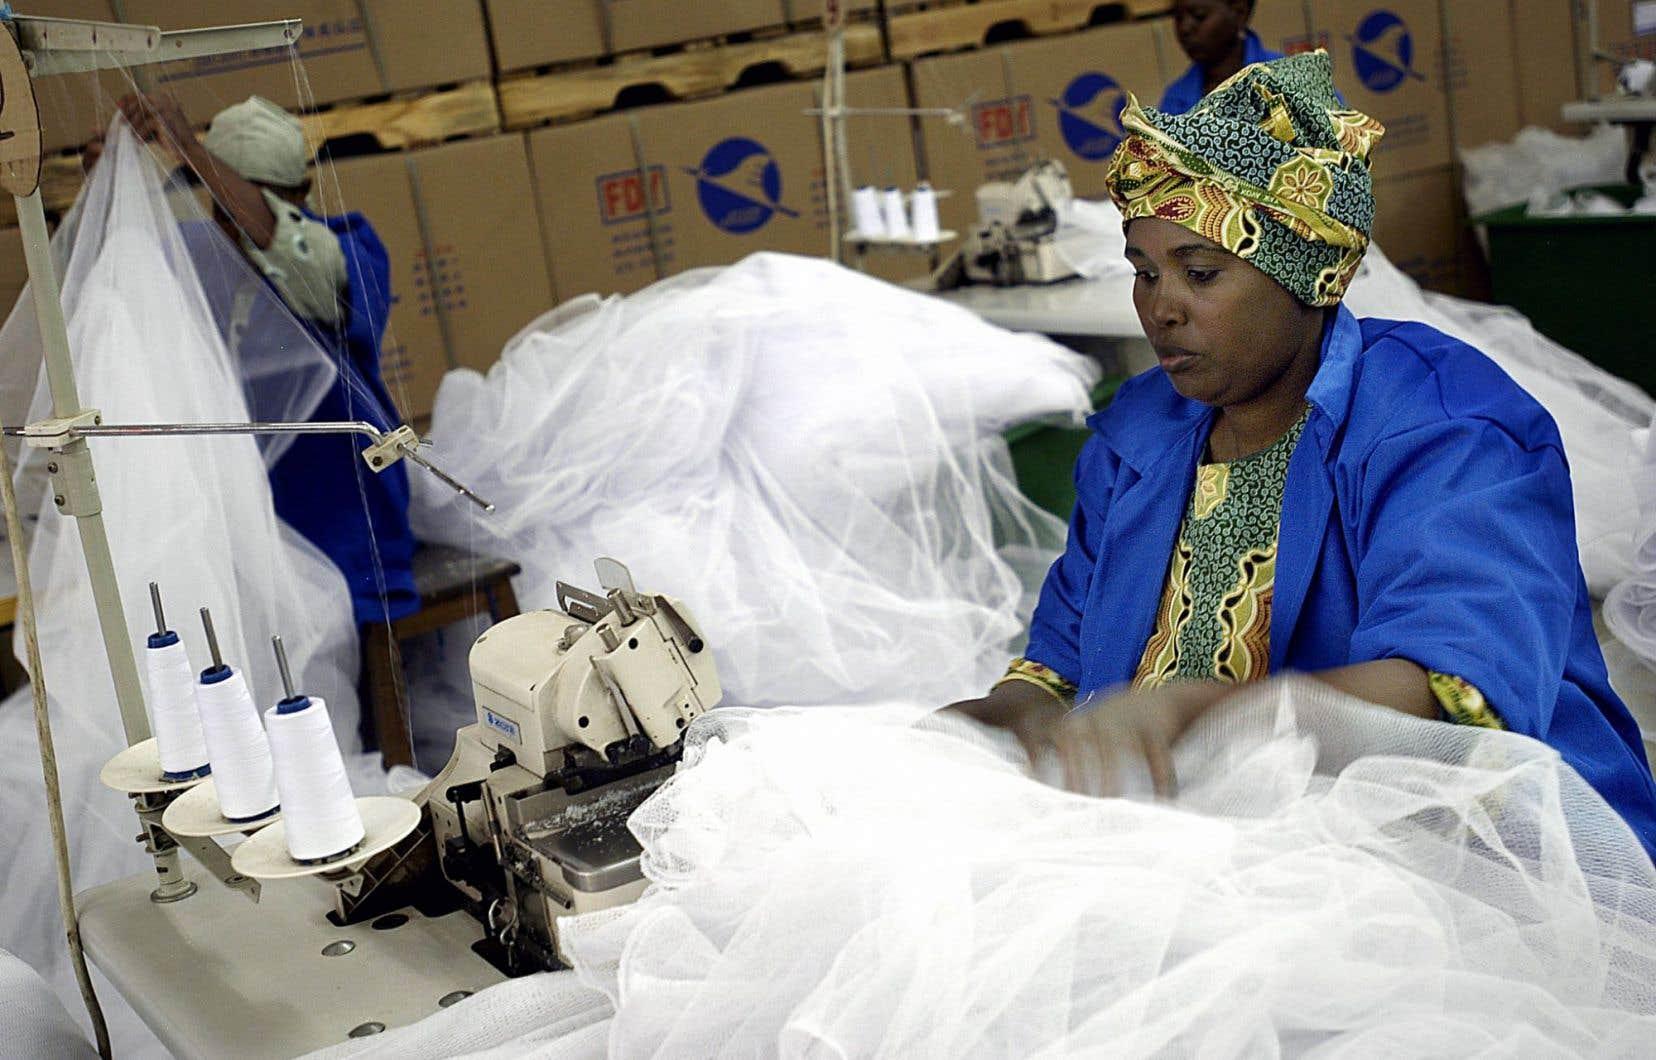 Une employée d'une usine à Arusha, en Tanzanie. Les femmes connaissent 25% à 30% de risques supplémentaires d'occuper un emploi vulnérable dans certains pays d'Afrique subsaharienne.